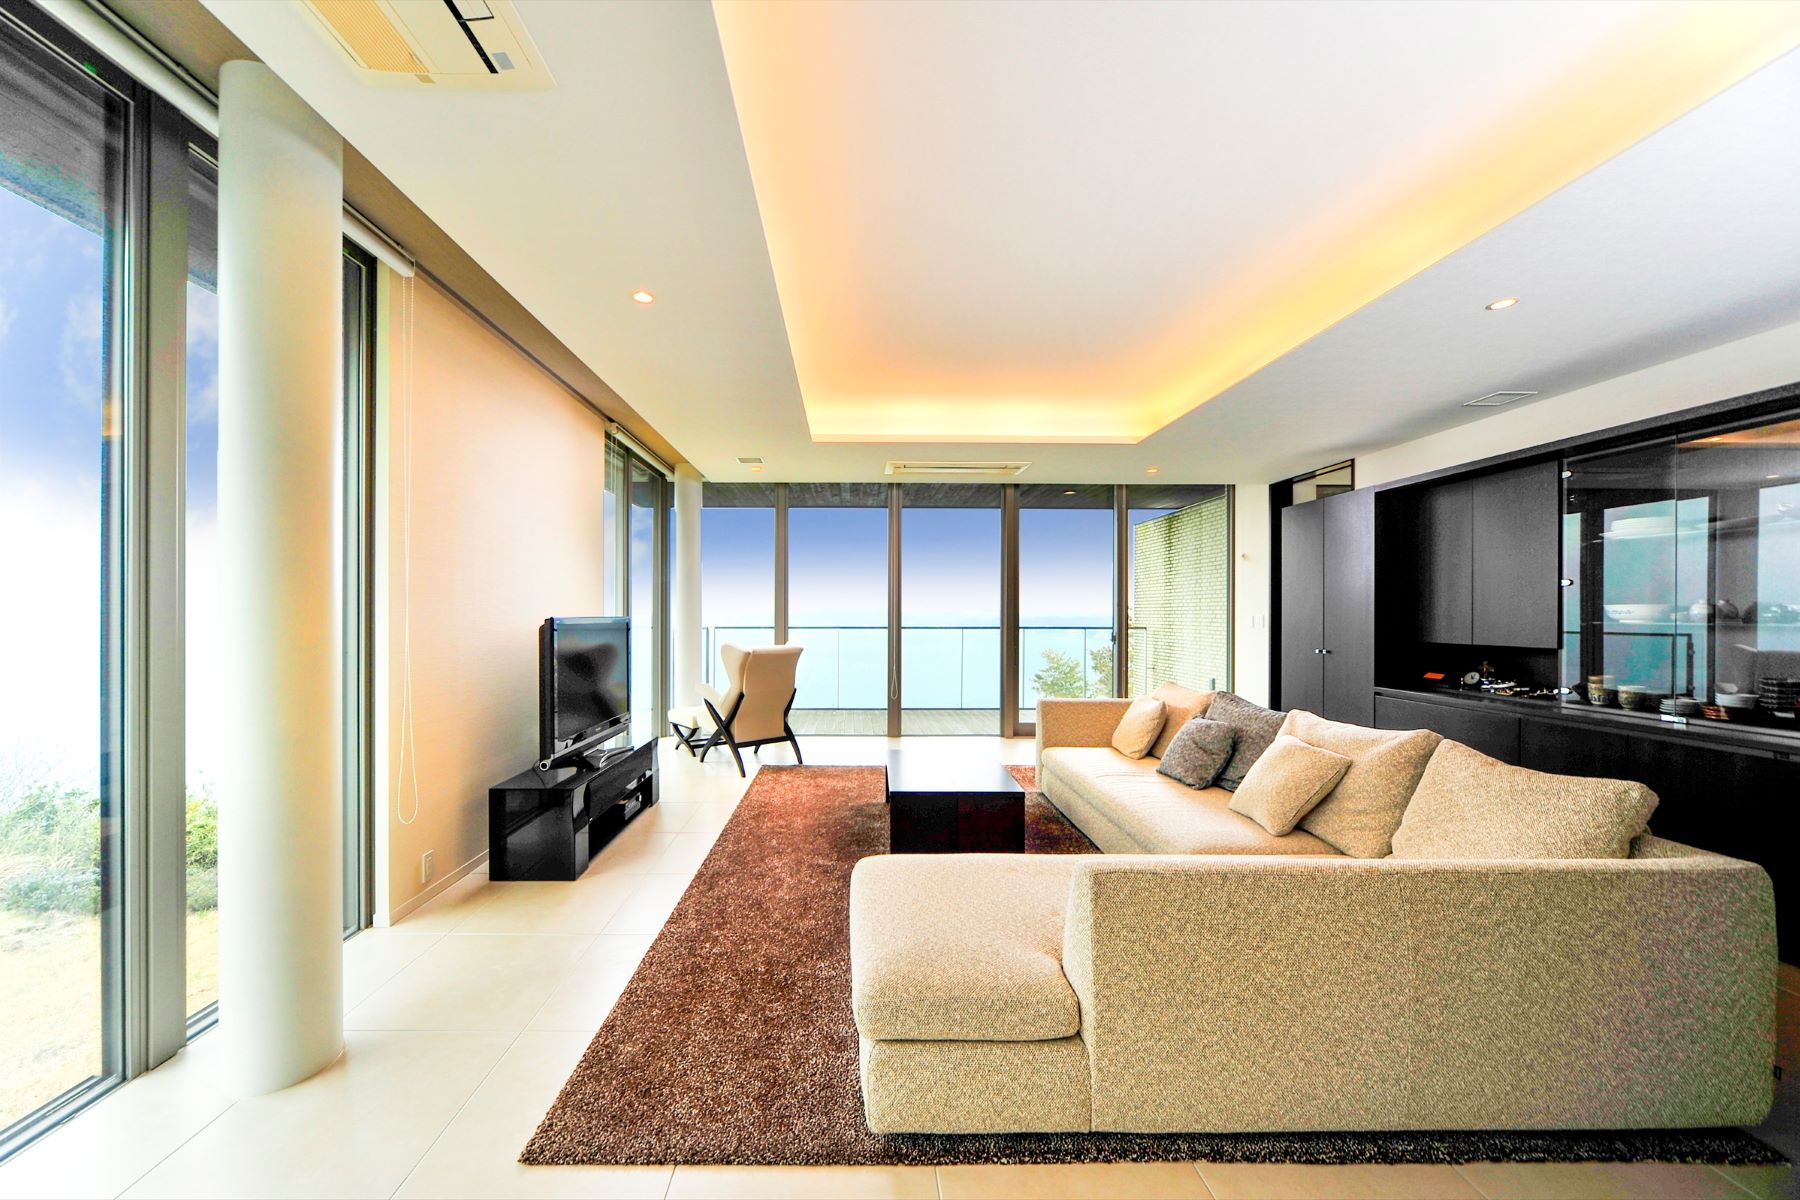 Частный односемейный дом для того Продажа на Futtsu Residence Other Japan, Другие Регионы В Японии, Япония